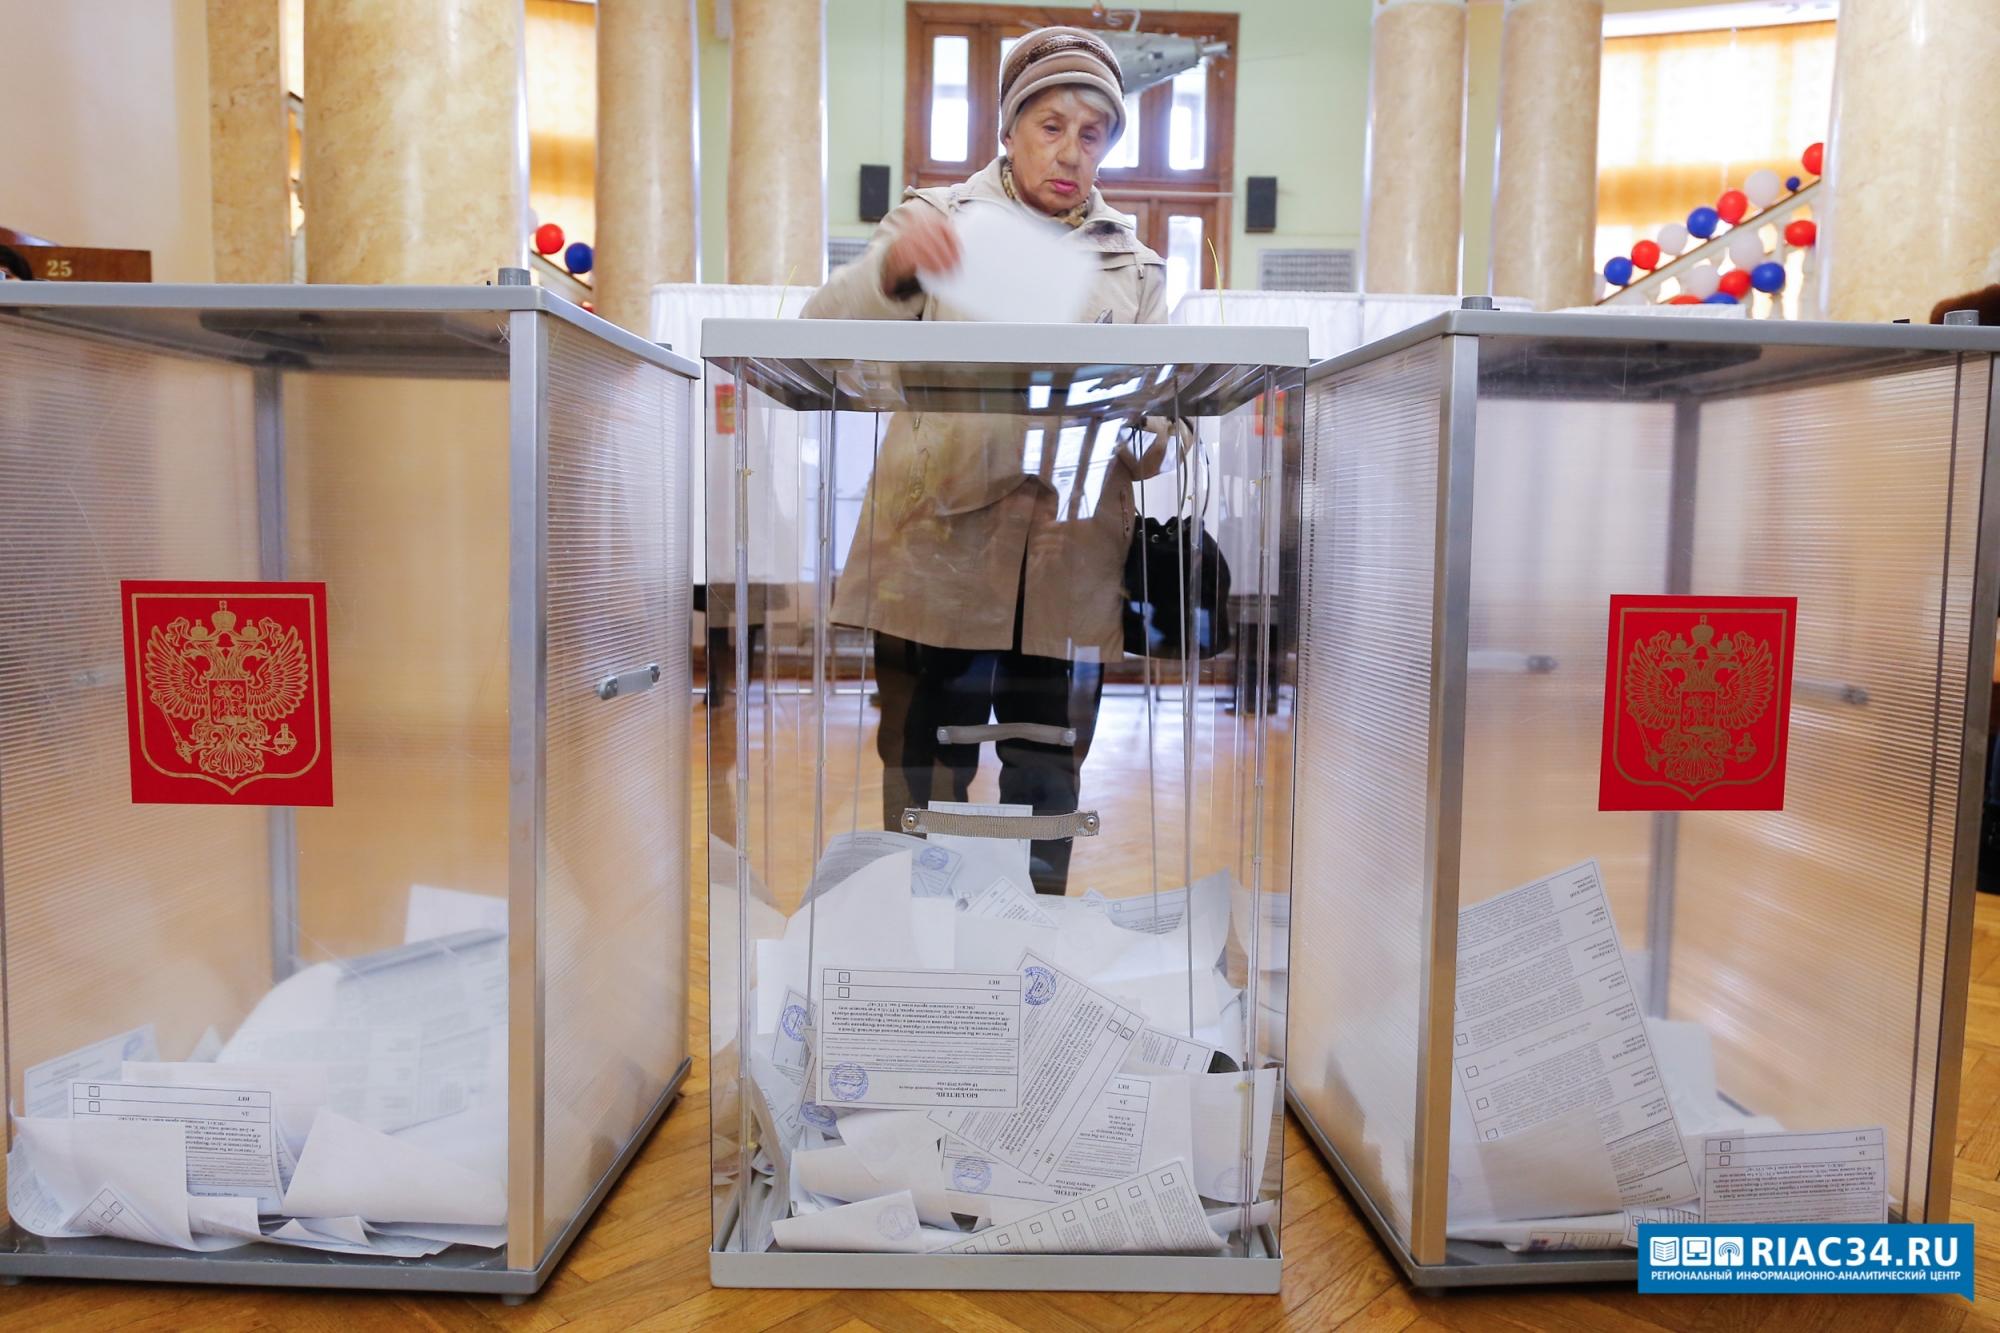 Алексей Буров: Выборы президента России в Волгоградской области состоялись